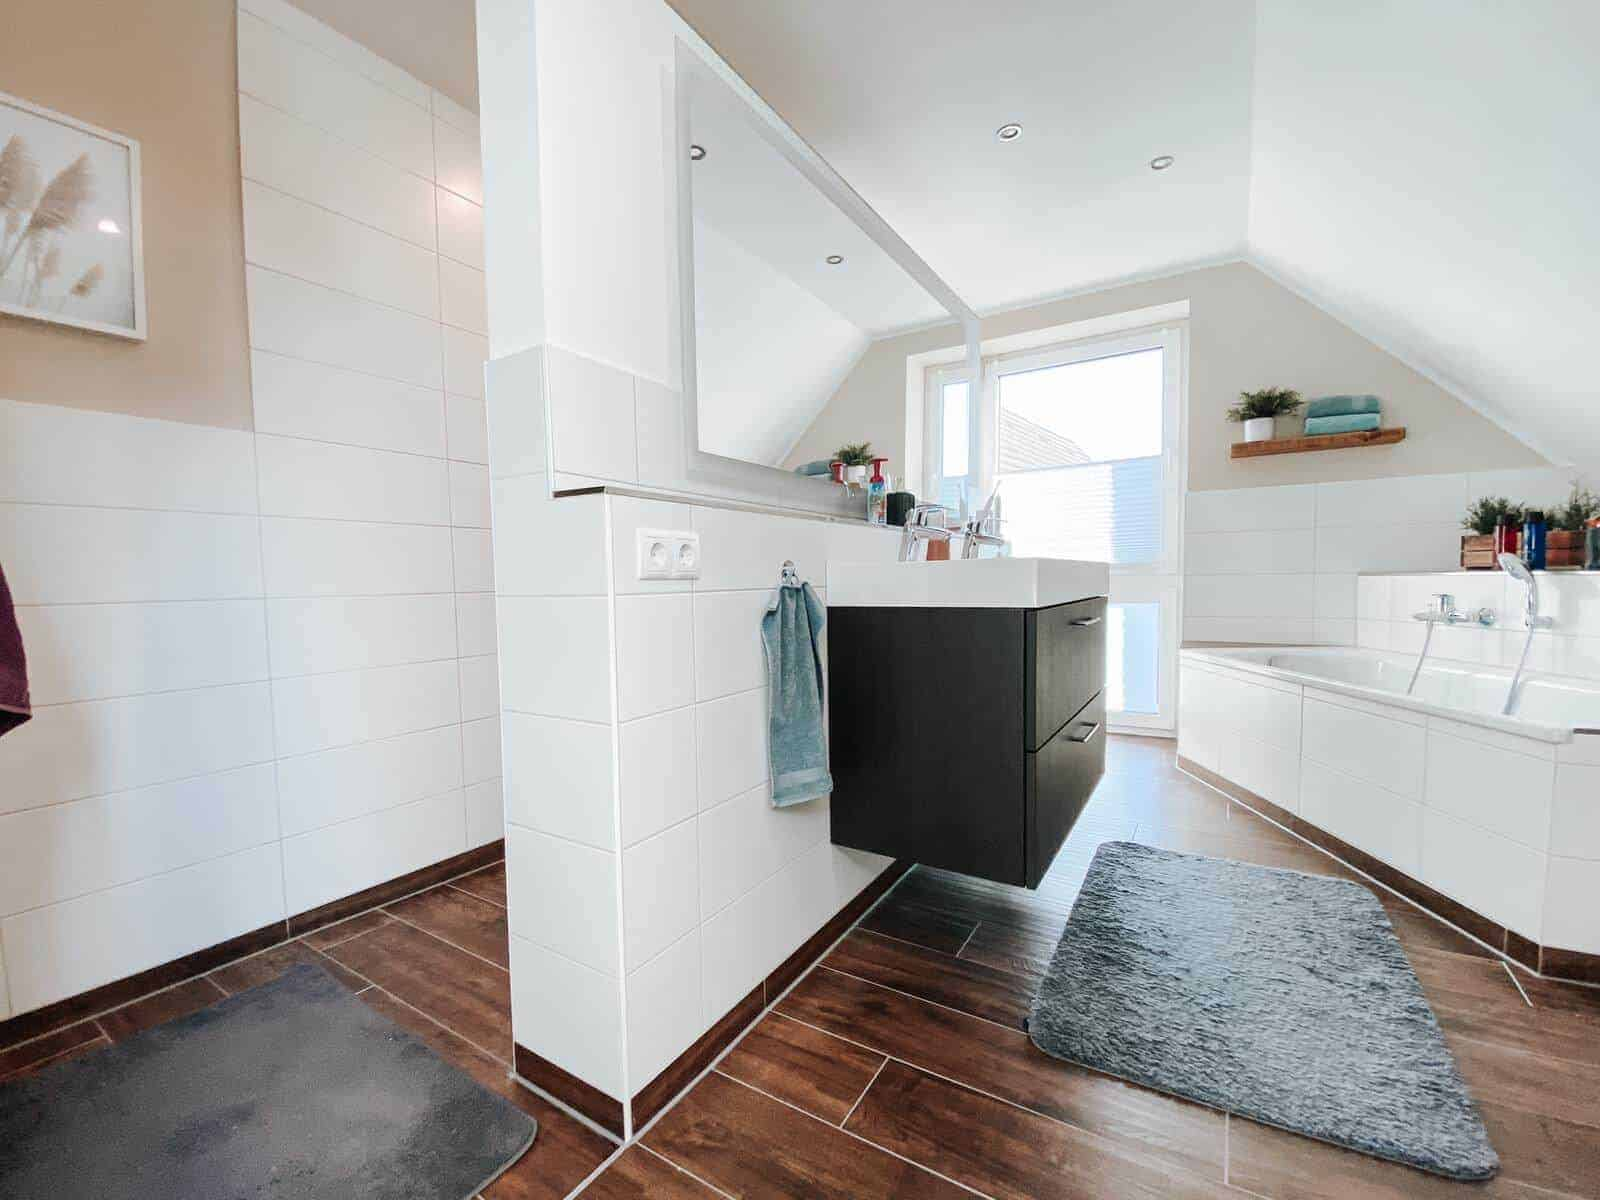 Unser neues Badezimmer - Frisch gestrichen und mit neuen Schweberegalen an der Wand